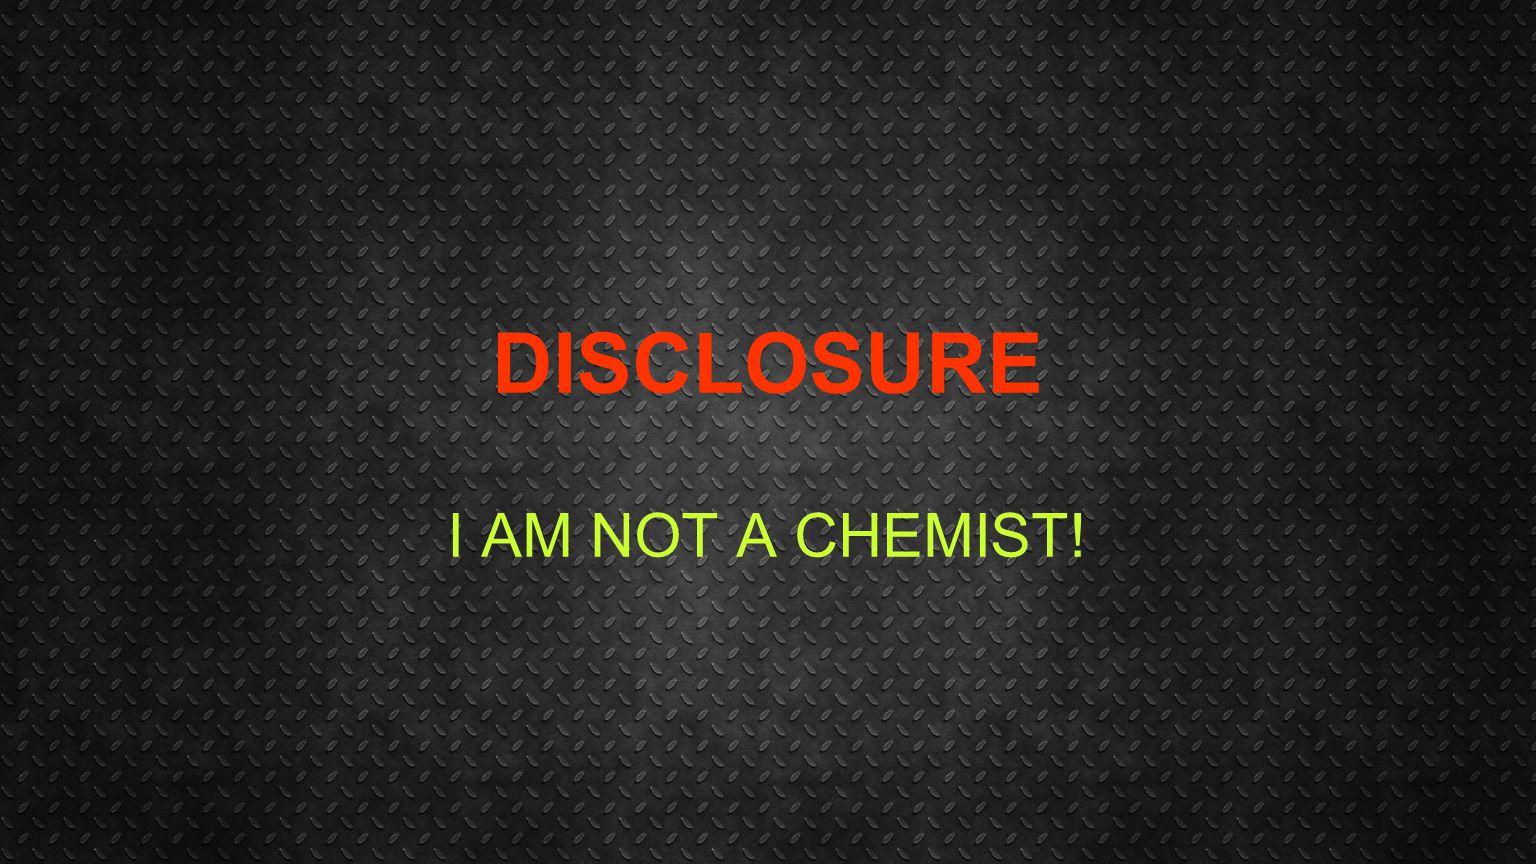 DISCLOSURE I AM NOT A CHEMIST!